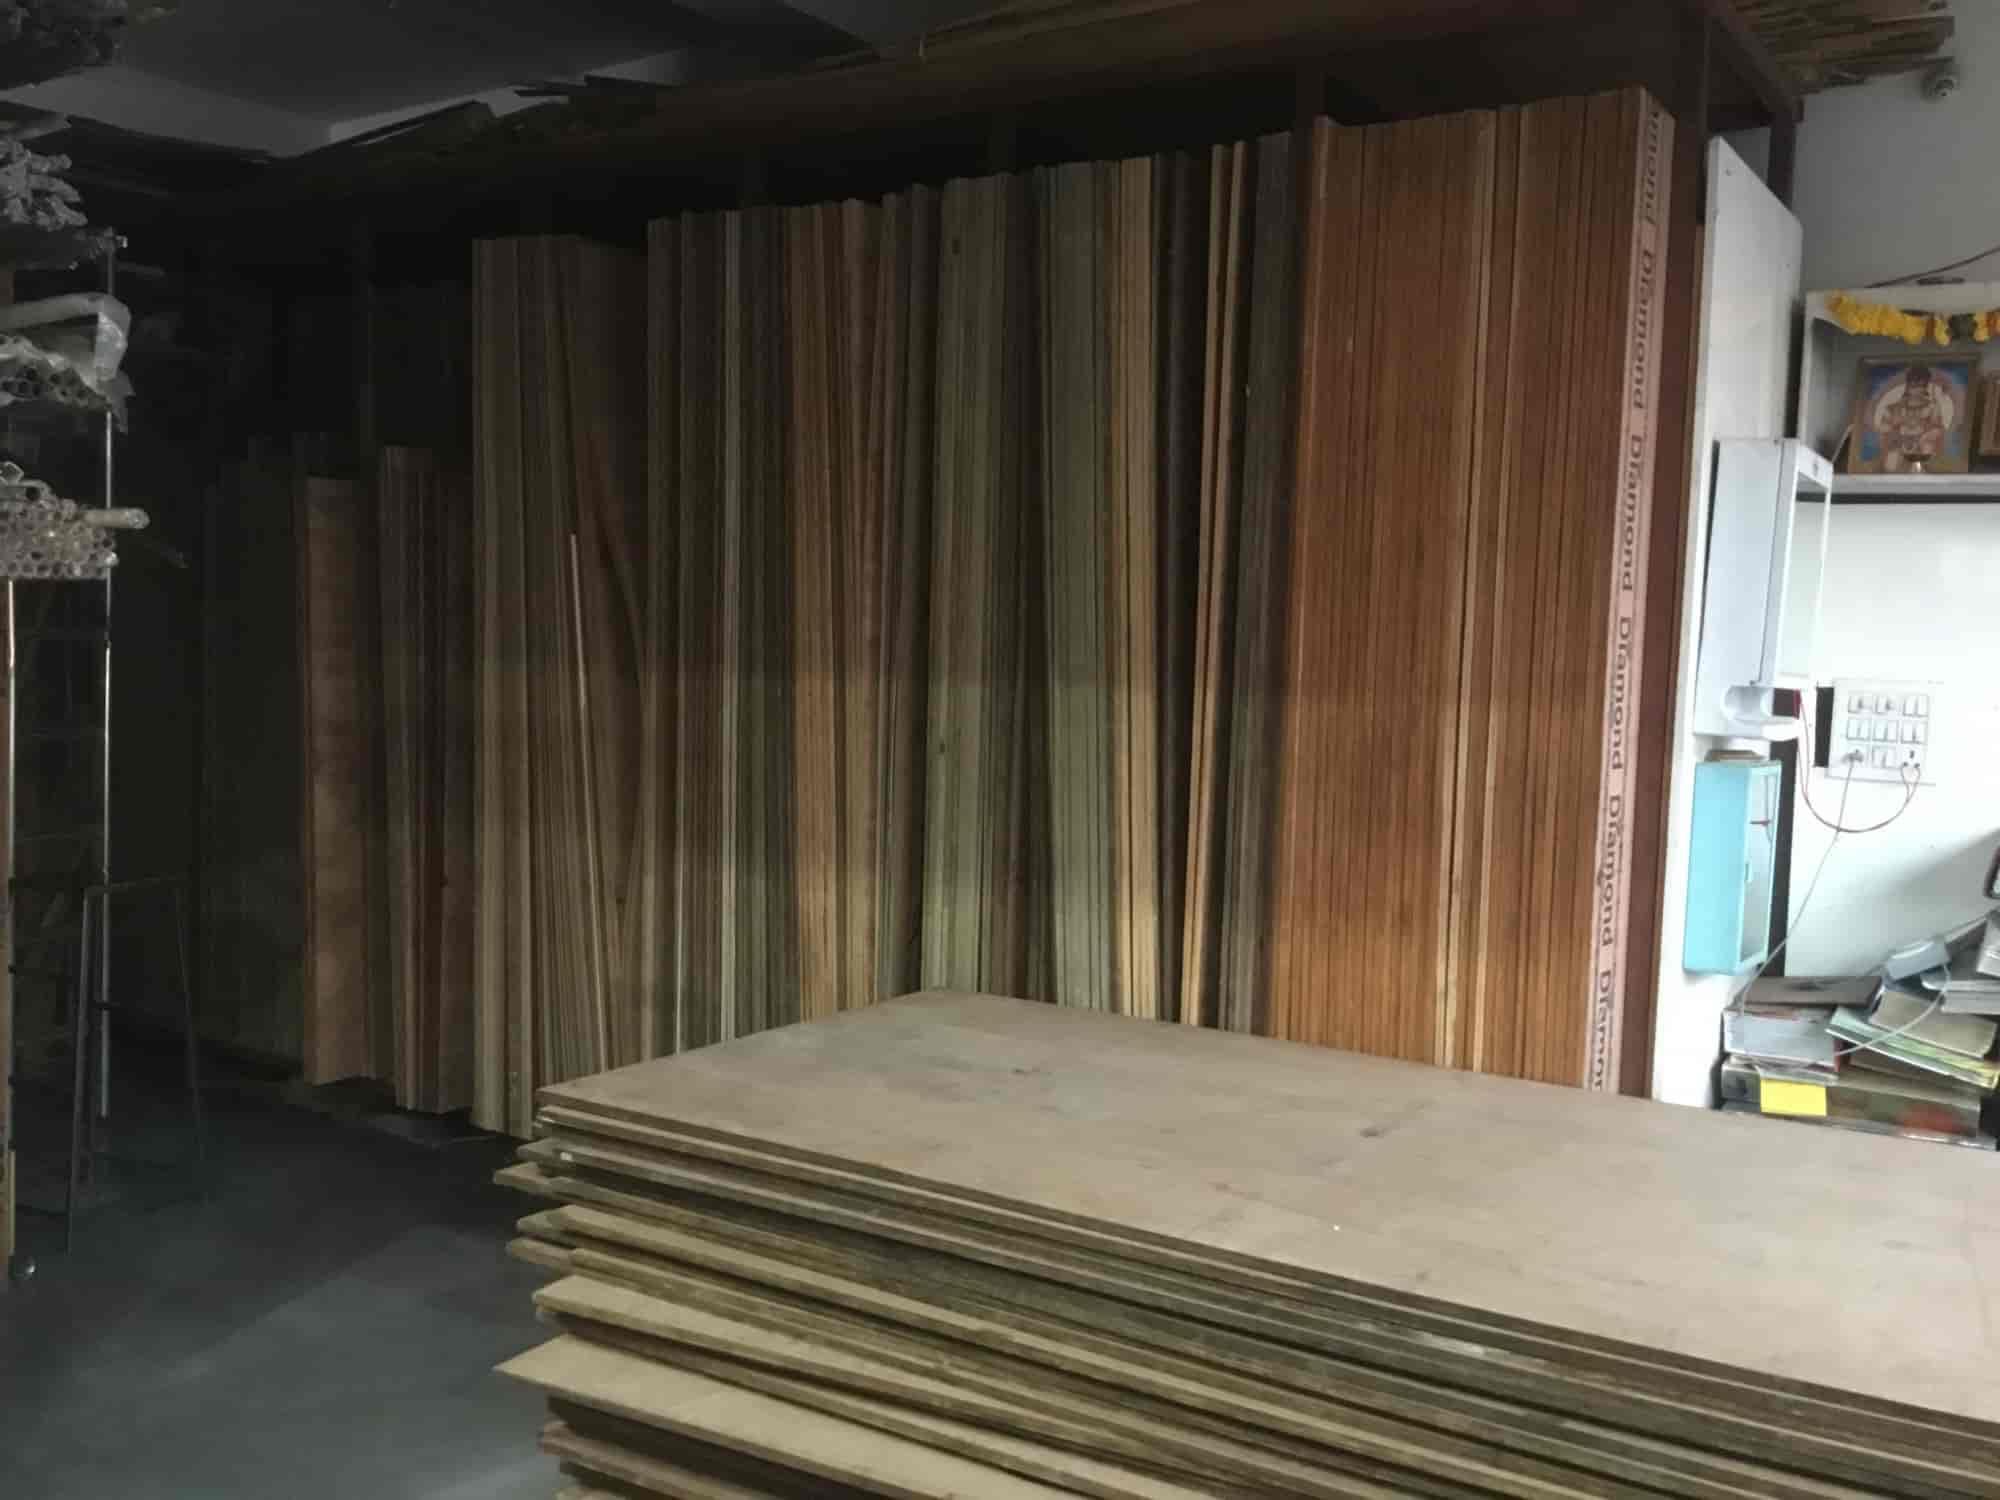 Shiv Shakthi Plywood And Hardware, Balkampet - Hardware